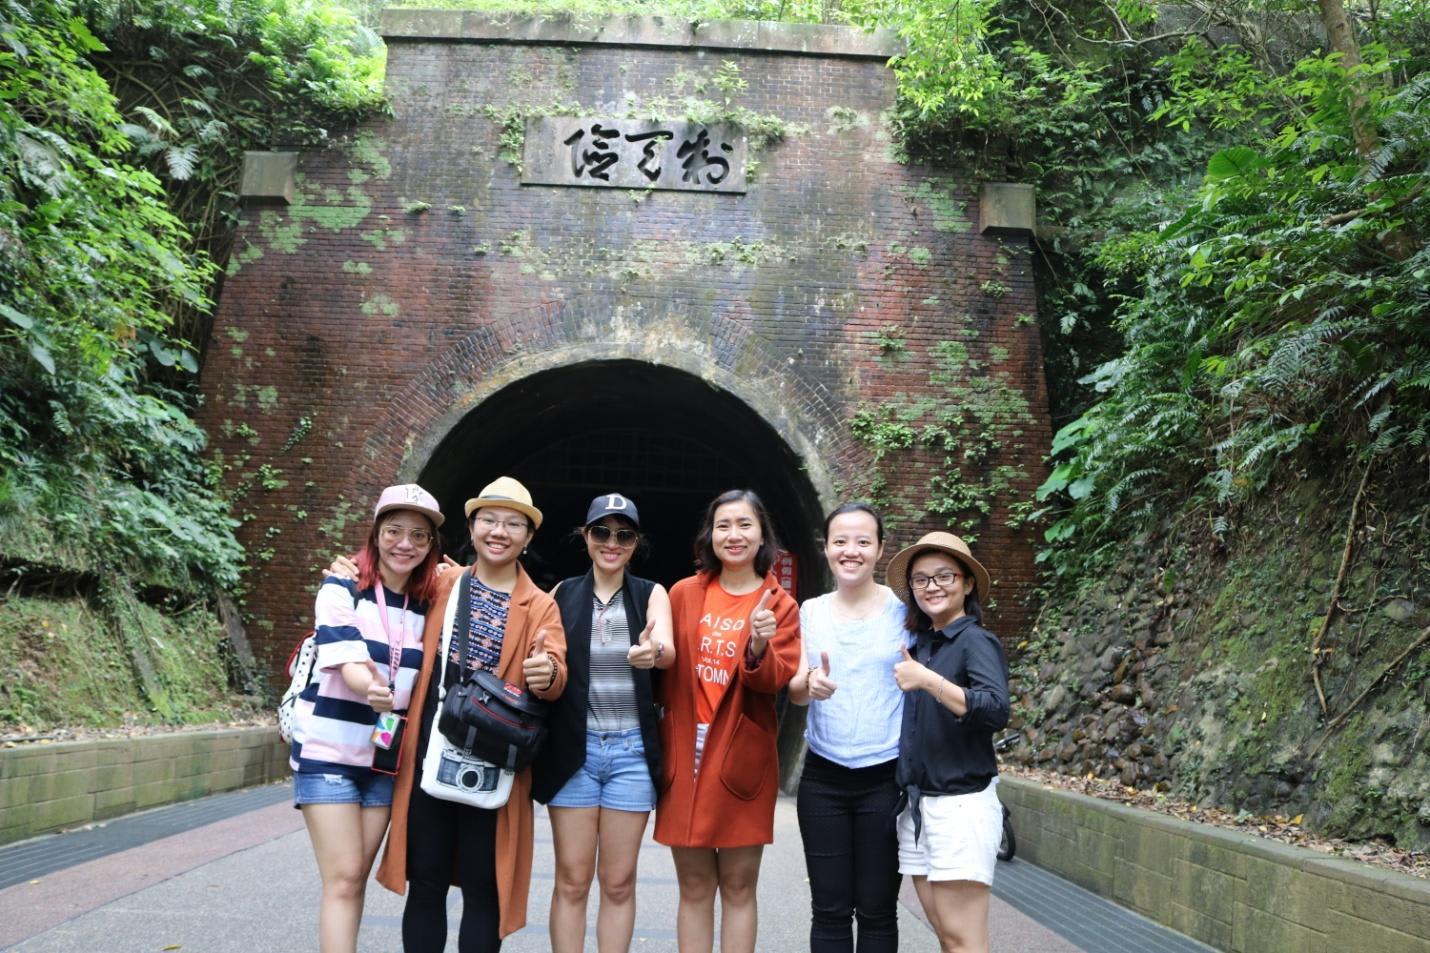 chụp hình trước cổng hầm jiucao ling